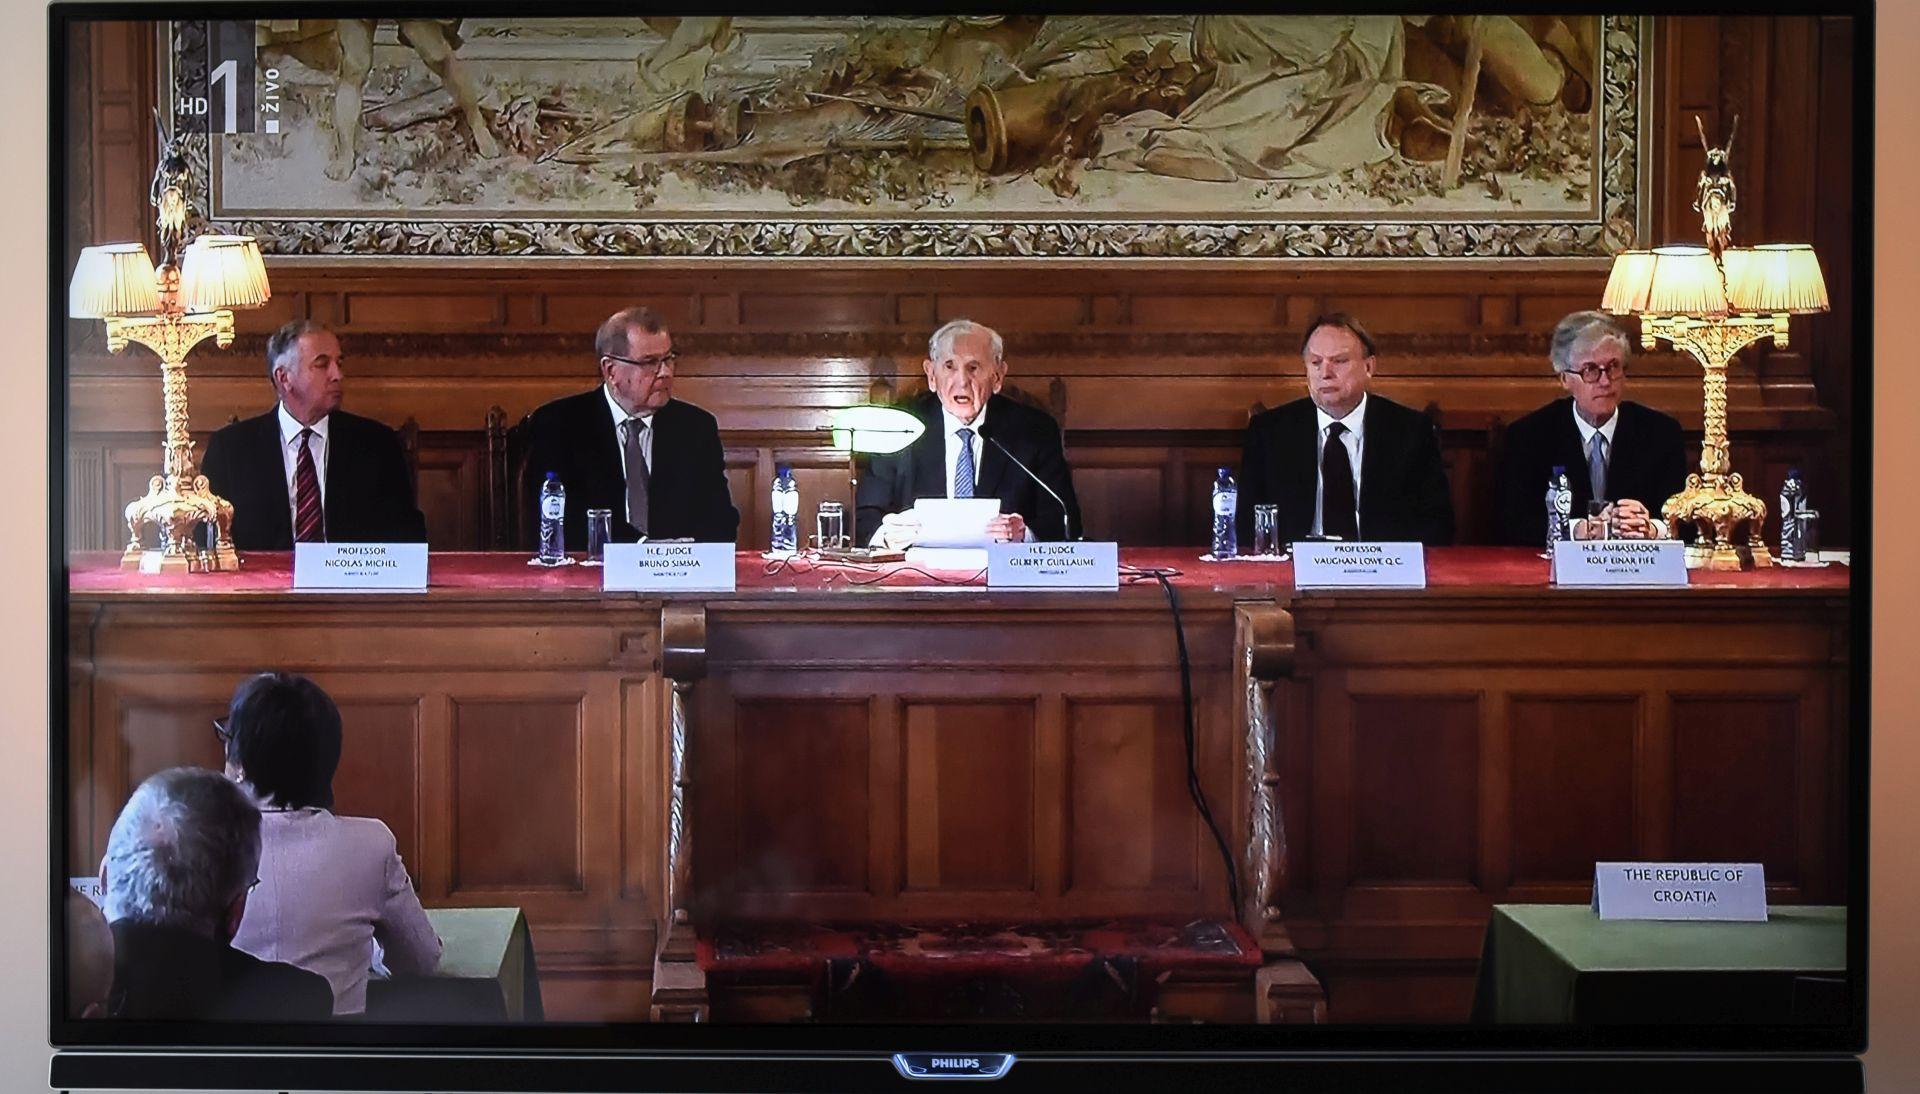 Hrvatska ponovila da neće primijeniti odluku arbitražnog suda